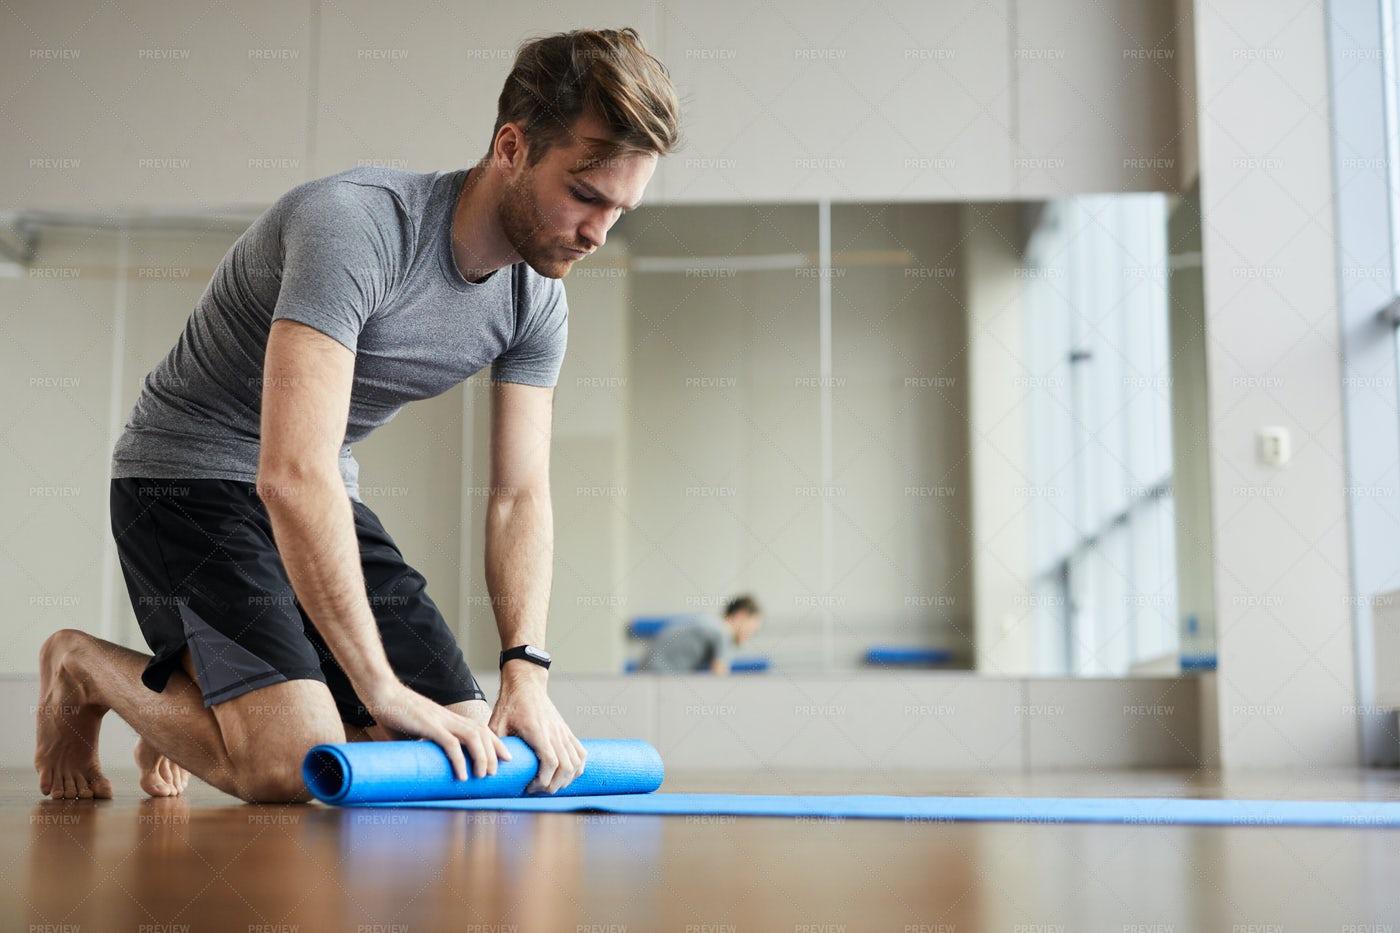 Young Man Packing Yoga Mat: Stock Photos